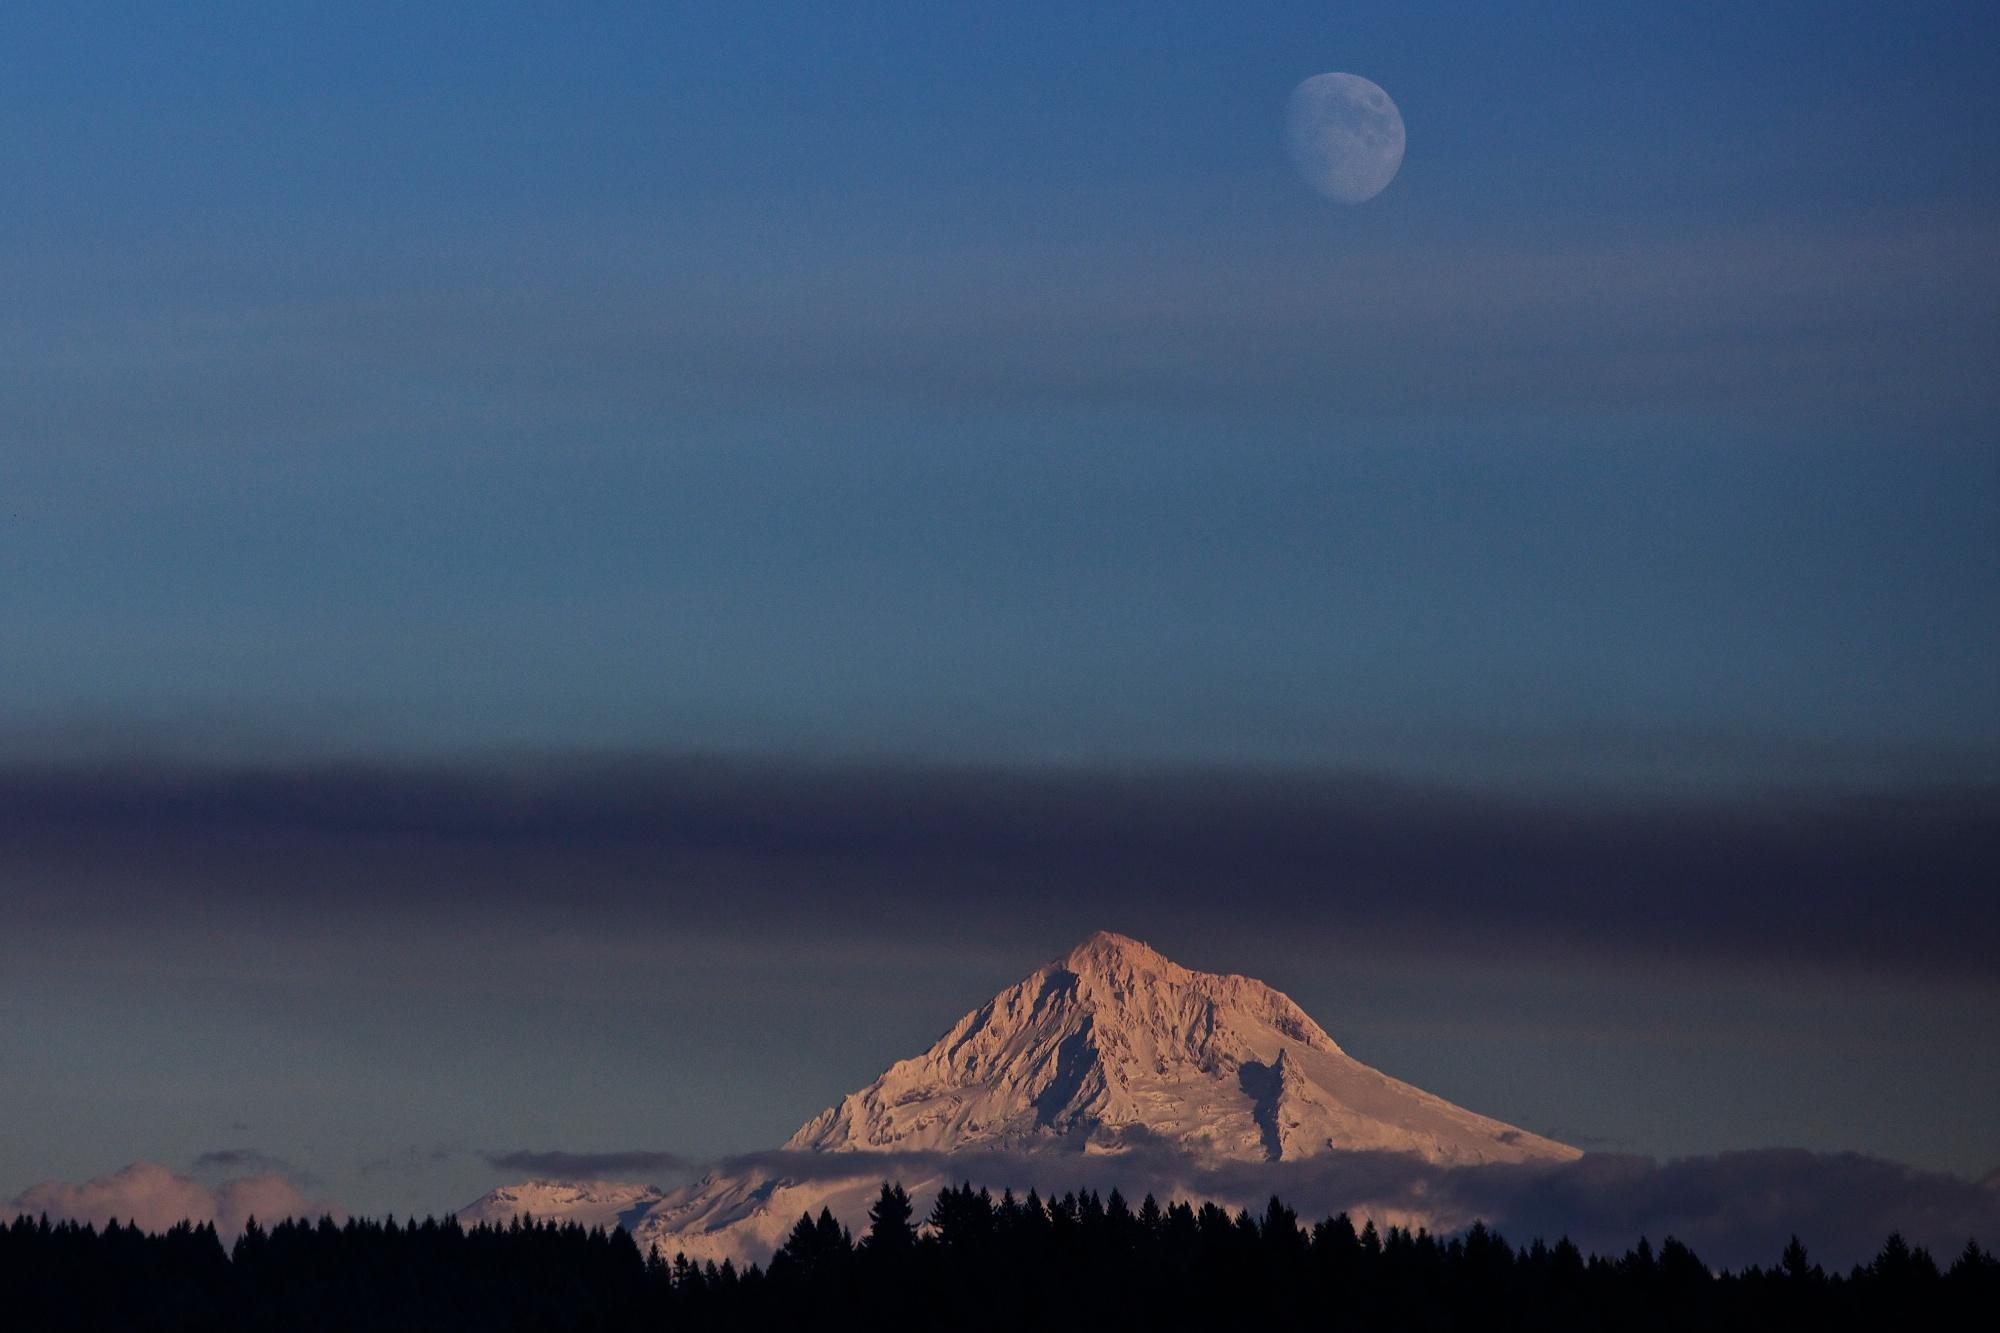 Mt. Hood, smoke, moon onThu., Oct. 25, 2012.